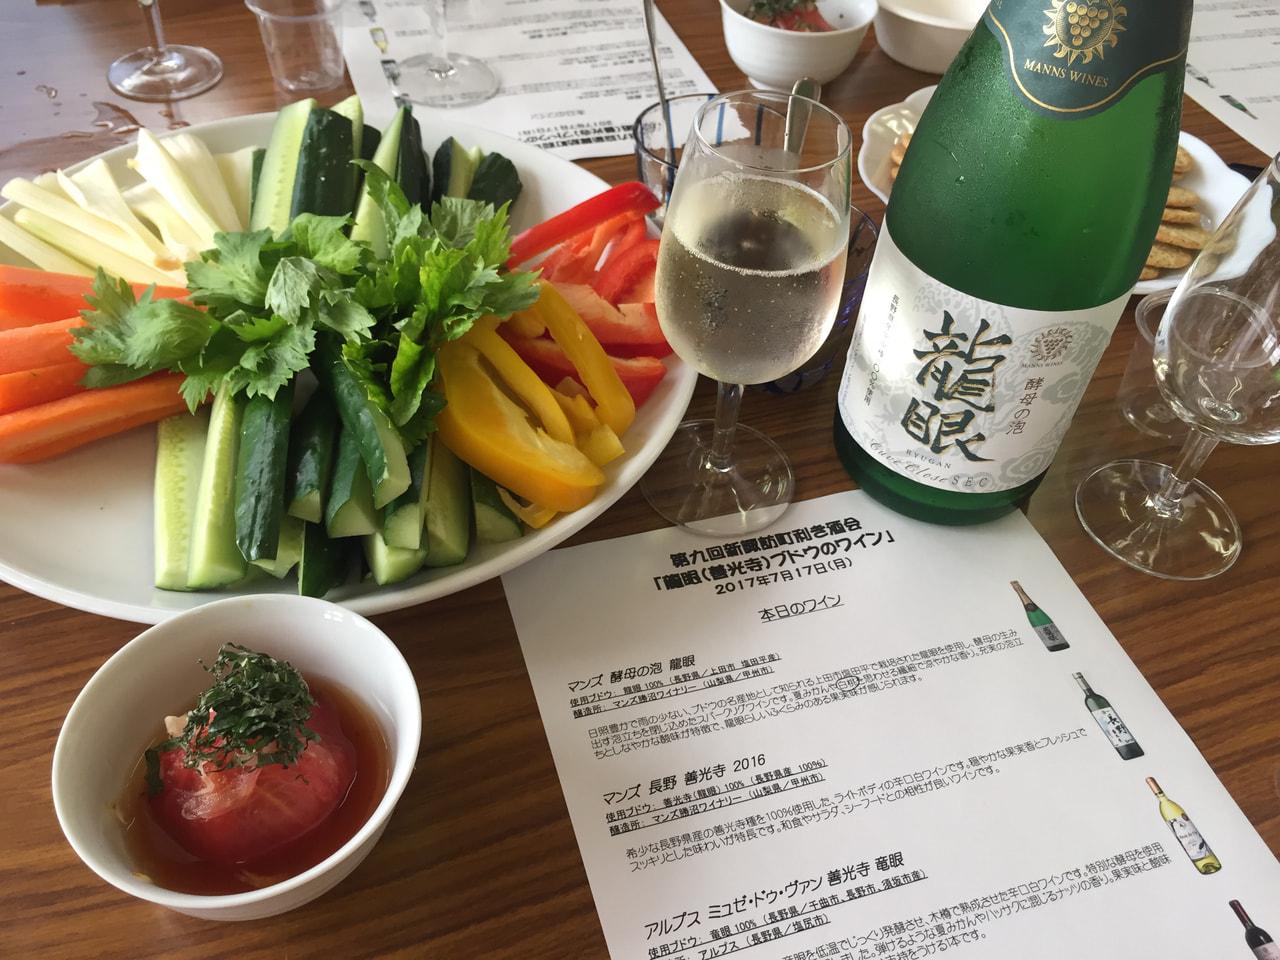 新諏訪公民館(長野市)の利き酒会